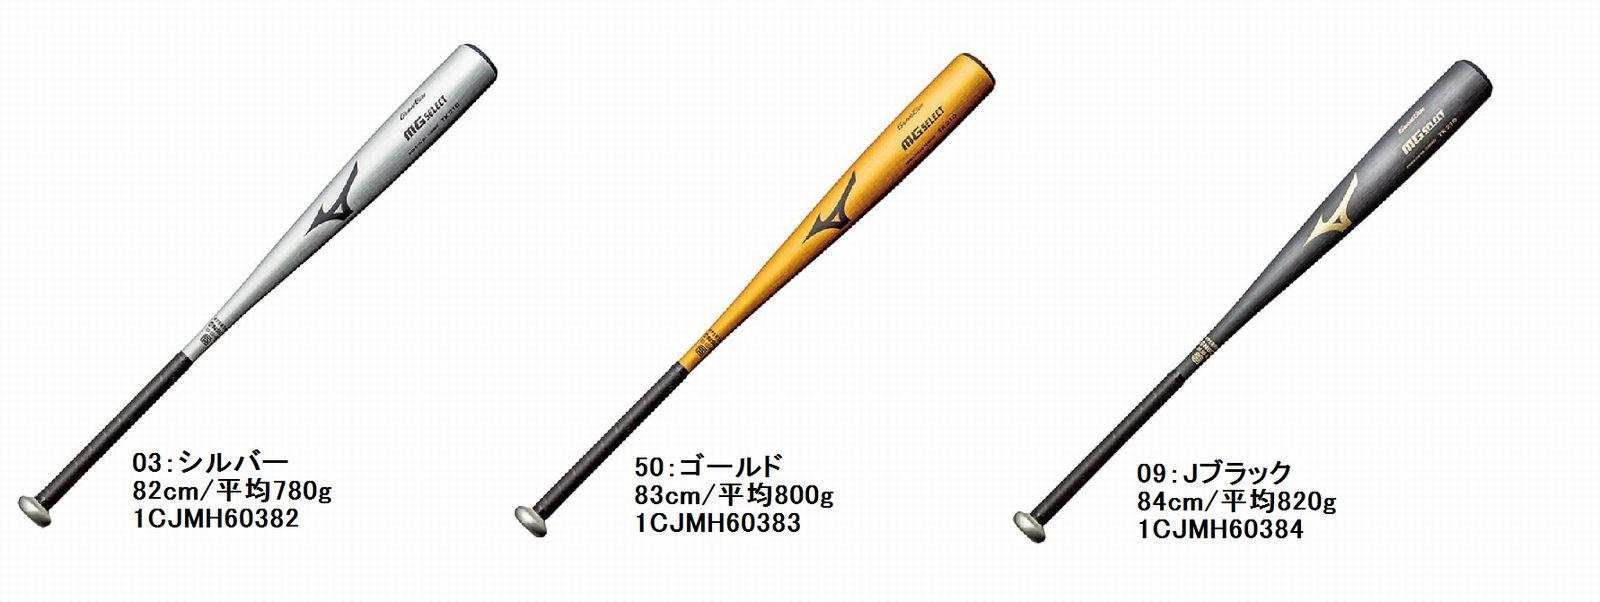 【Mizuno Global Elite~ミズノ・グローバルエリート】野球中学硬式用金属製バットMGセレクト(金属製)[シルバー/82cm/平均780g][ゴールド/83cm/平均800g][Jブラック/84cm/平均820g](ミドルバランス)